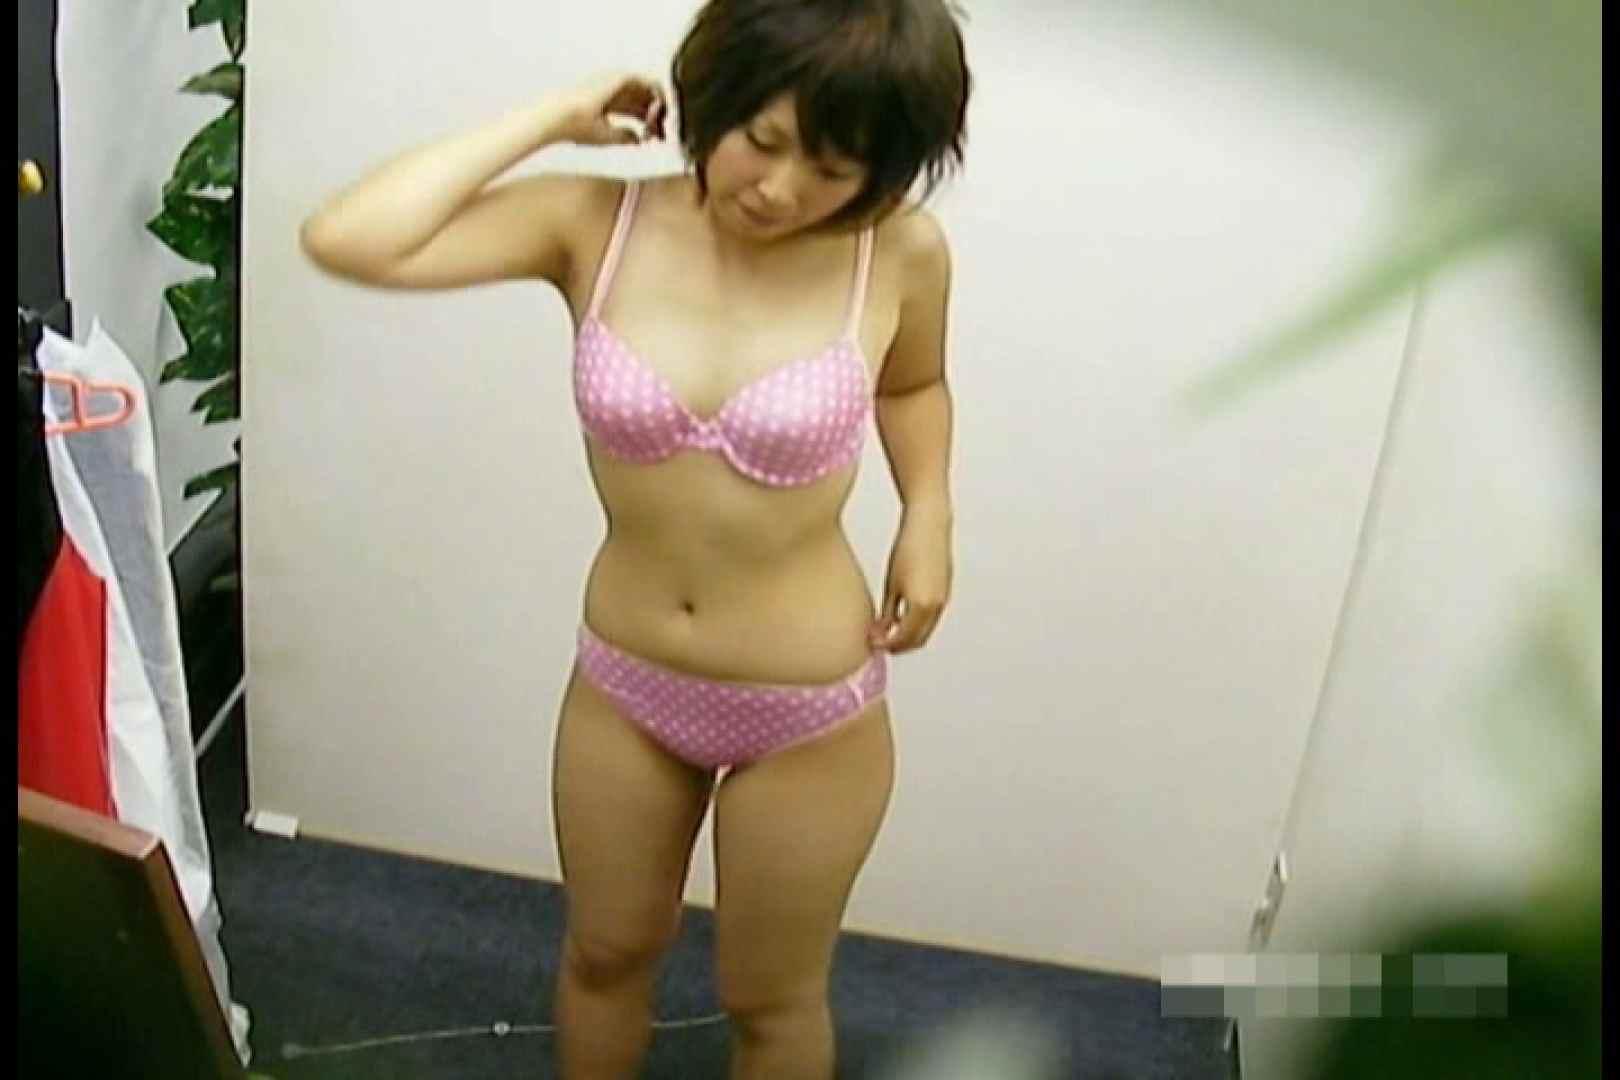 素人撮影 下着だけの撮影のはずが・・・エミちゃん18歳 マンコ・ムレムレ   素人丸裸  90pic 64